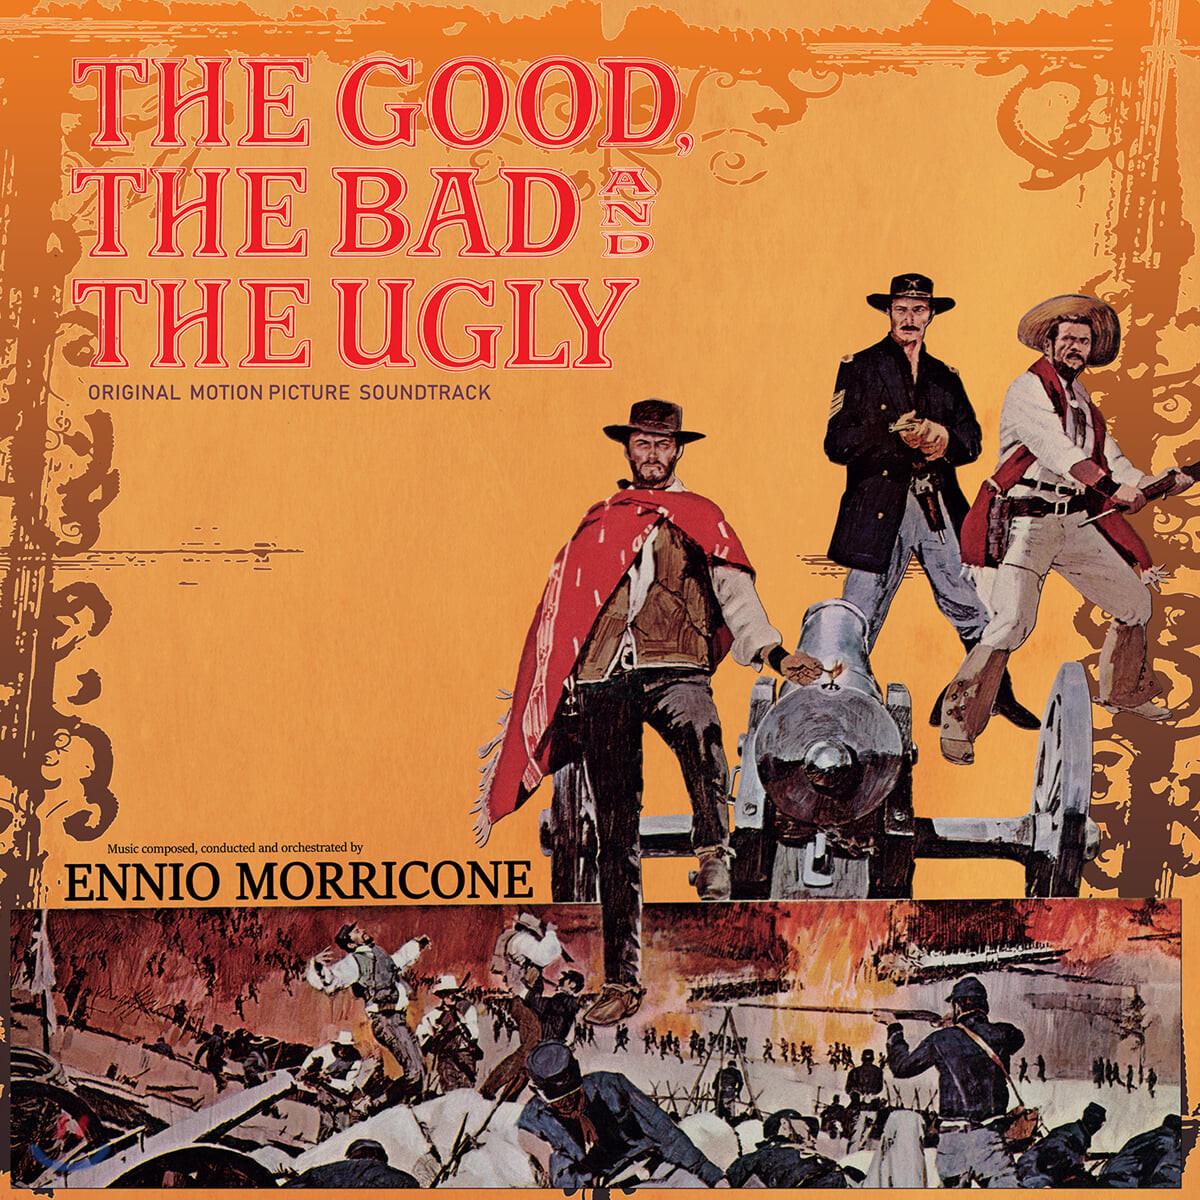 석양에 돌아오다 영화음악 (The Good, the Bad and the Ugly OST by Ennio Morricone) [레드 컬러 LP]